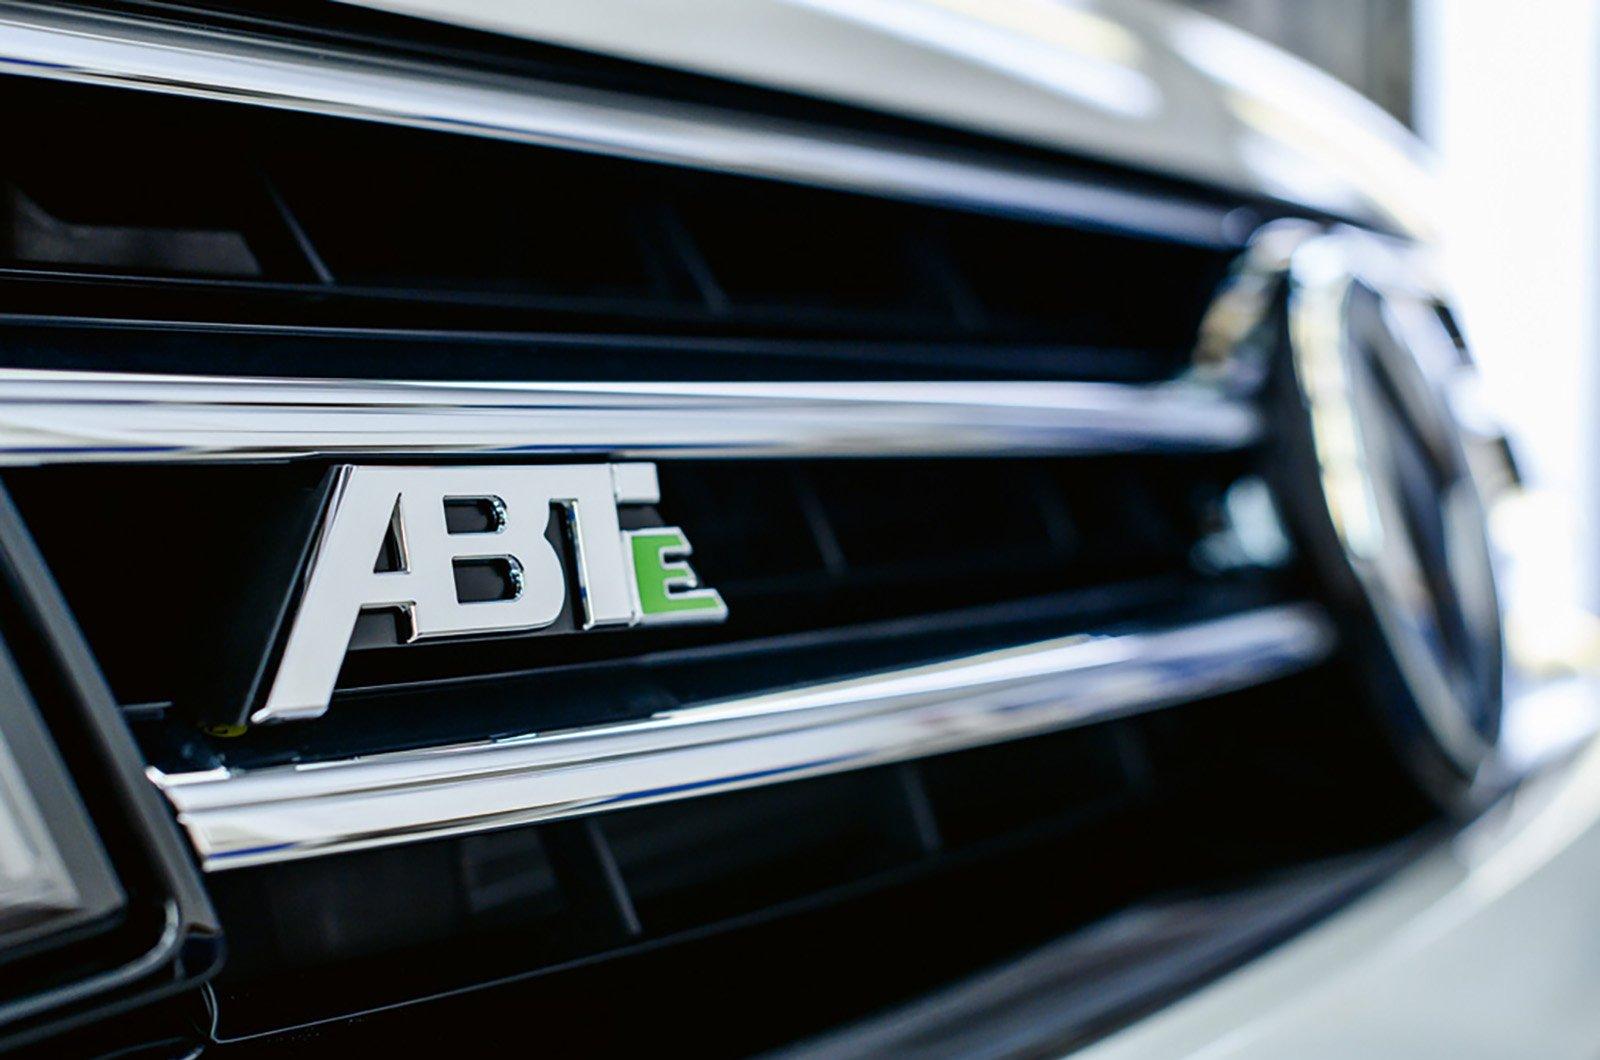 Volkswagen ABT eTransporter detail